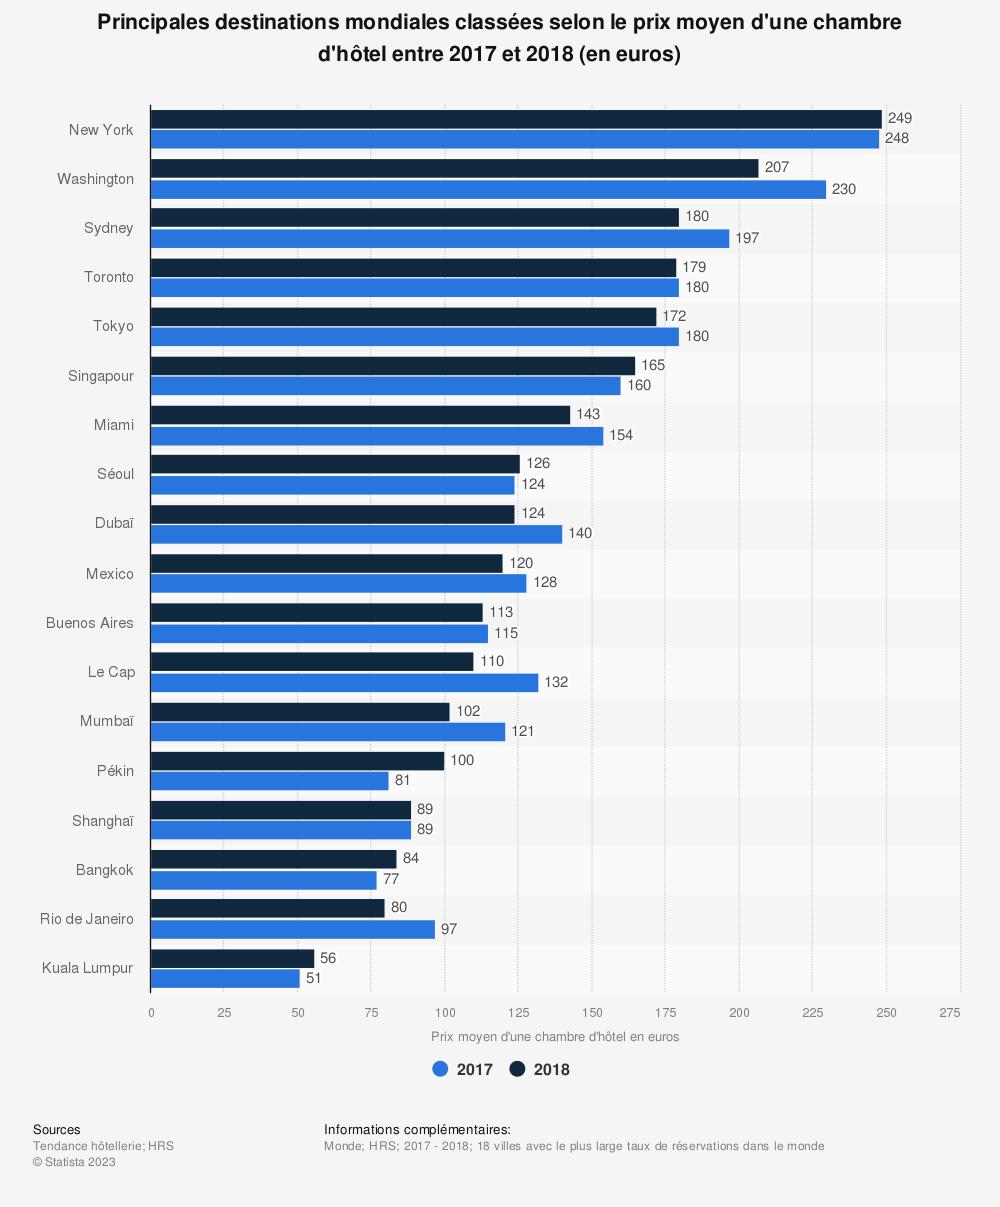 Statistique: Principales destinations mondiales classées selon le prix moyen d'une chambre d'hôtel entre 2017 et 2018 (en euros) | Statista